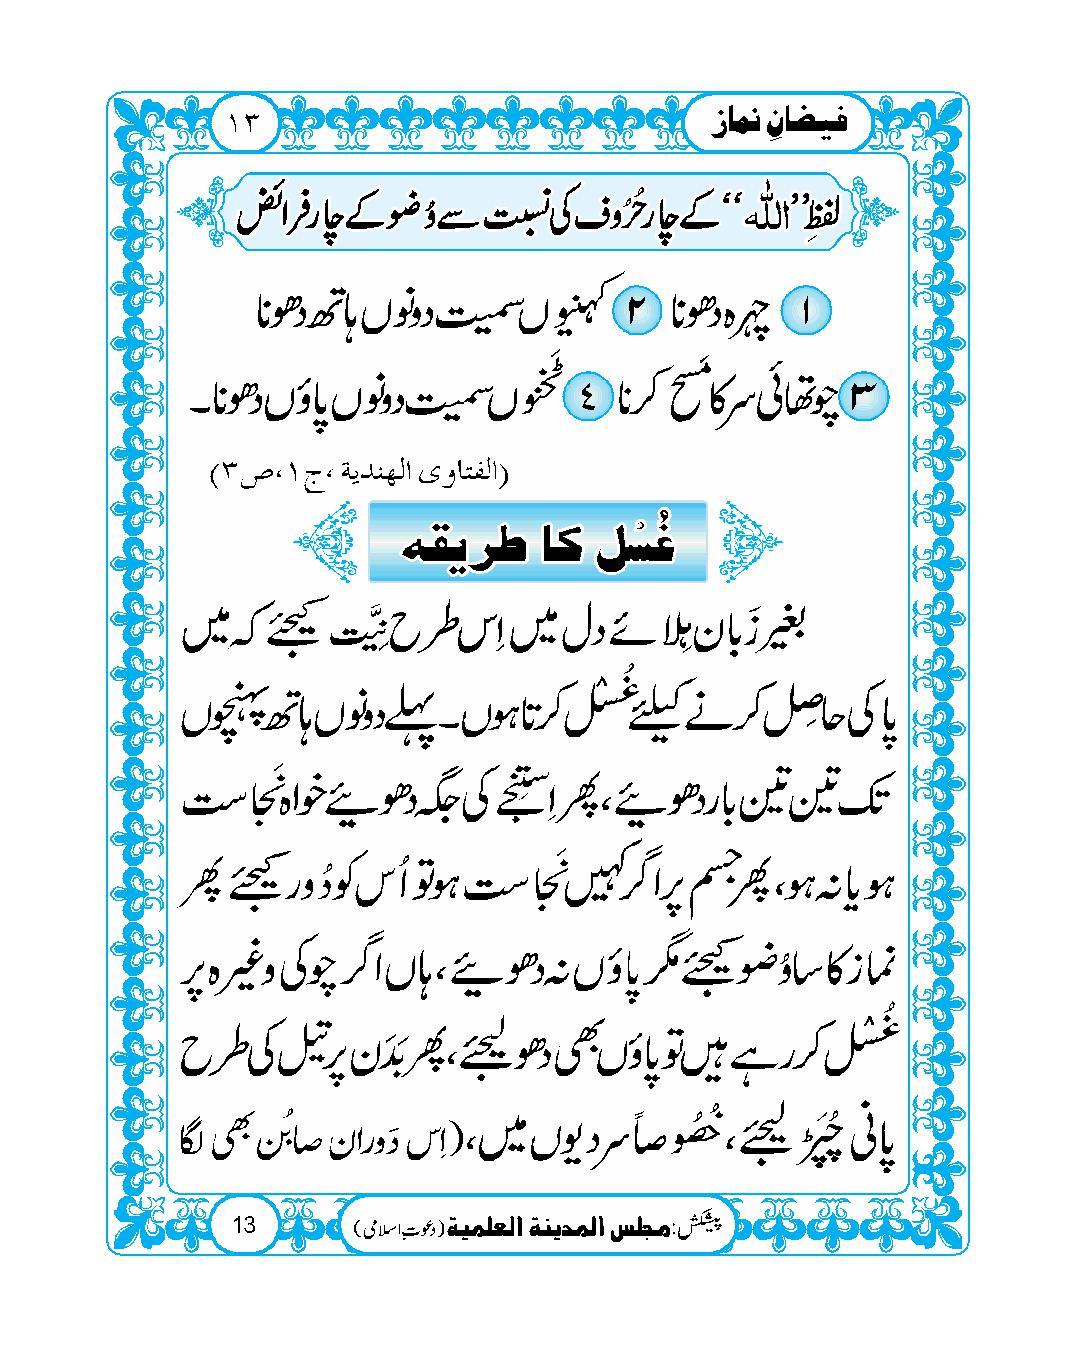 page No 13